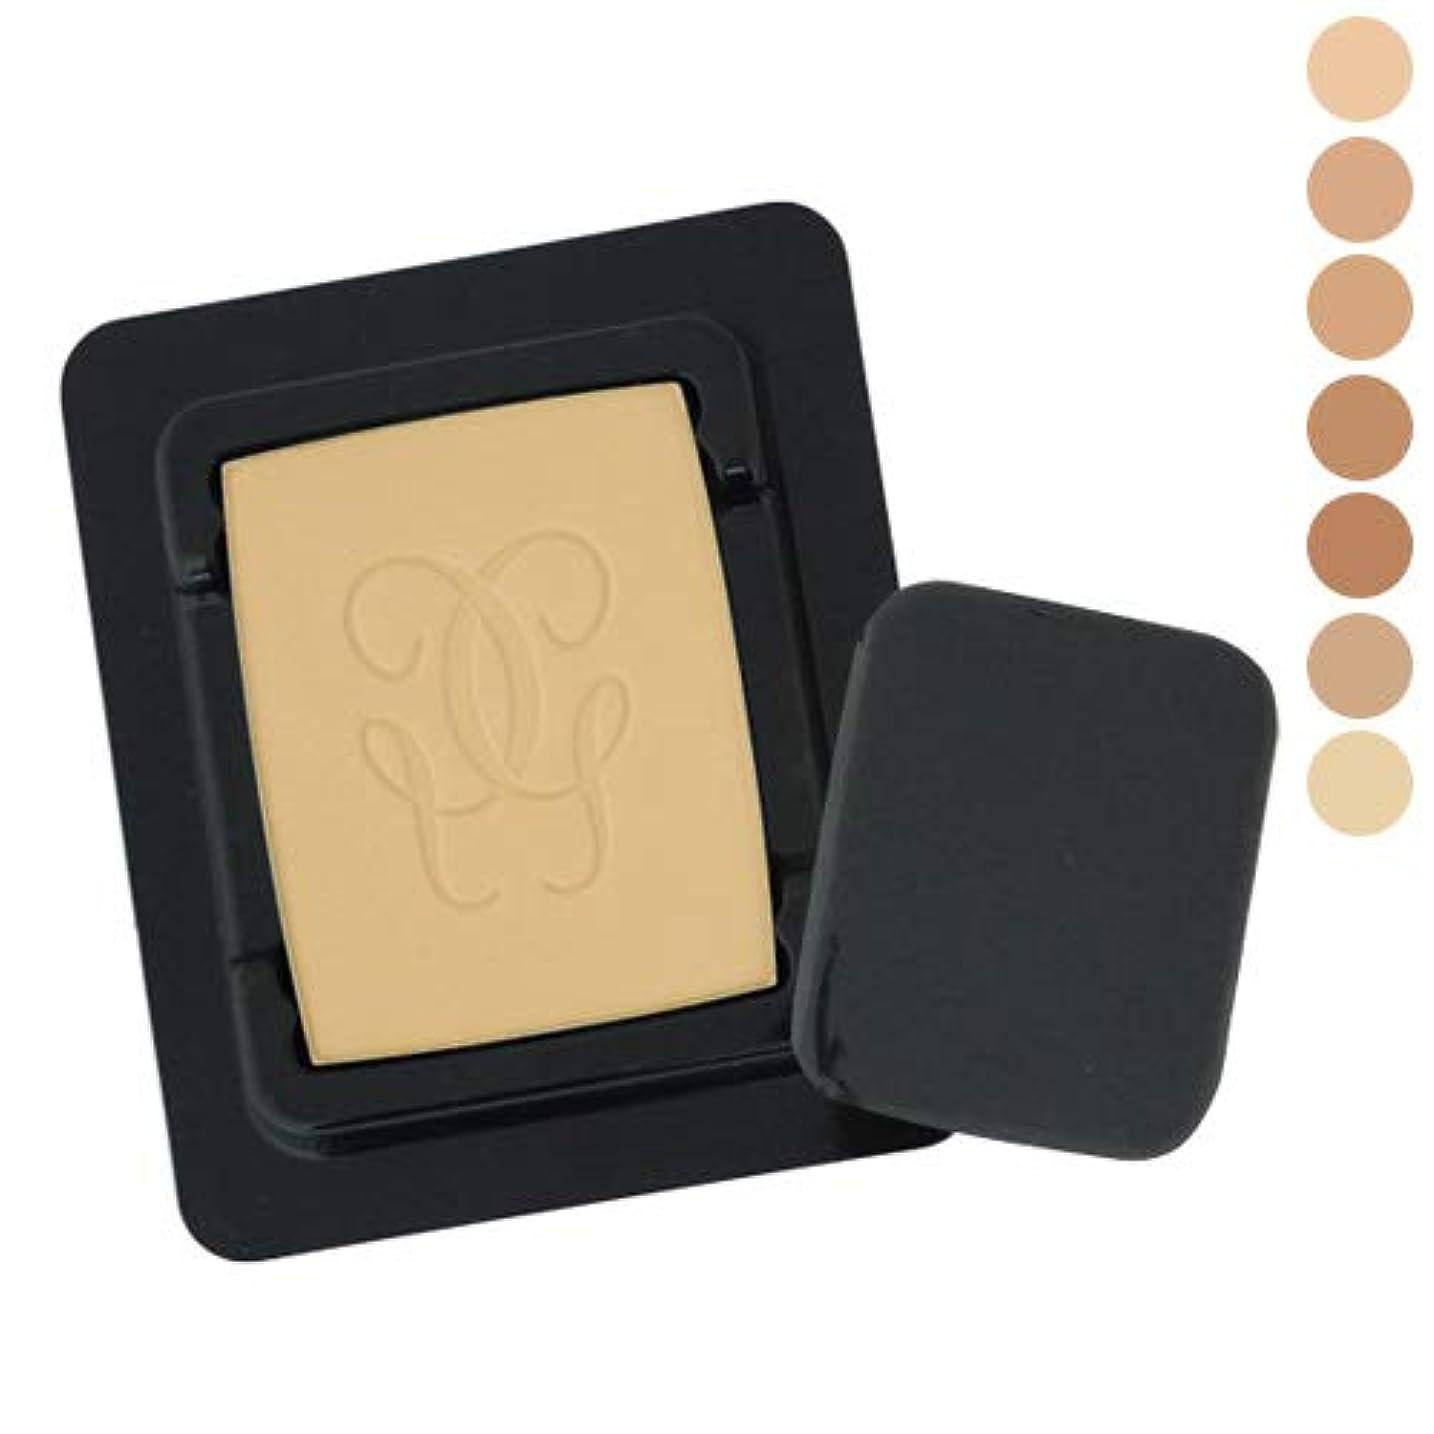 自動化節約セブンゲラン GUERLAIN パリュール ゴールド コンパクト SPF15 PA++ 【詰め替え用】 【並行輸入品】 02 Beige Clair (在庫)